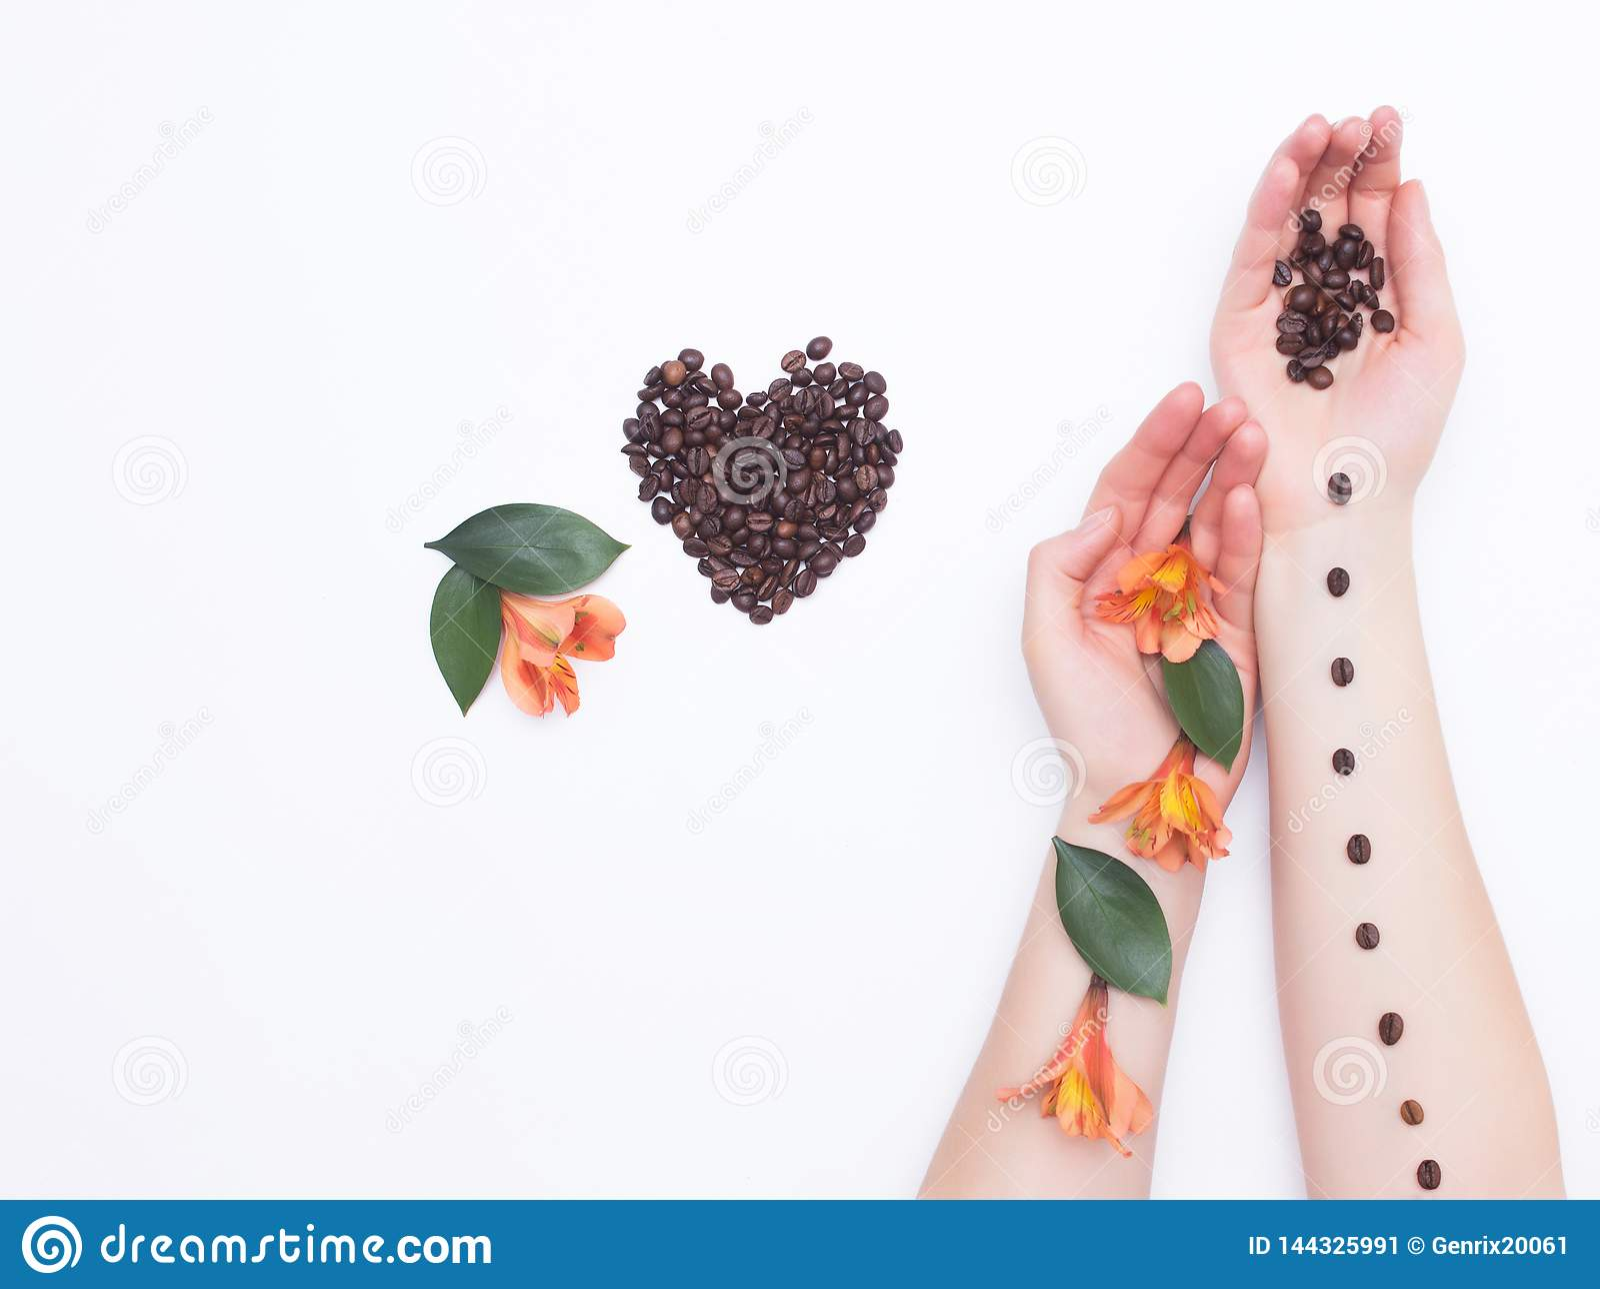 Mãos fêmeas em um fundo branco com feijões de café e flores do hibiscus, coração de feijões de café, aroma, conceito do amor